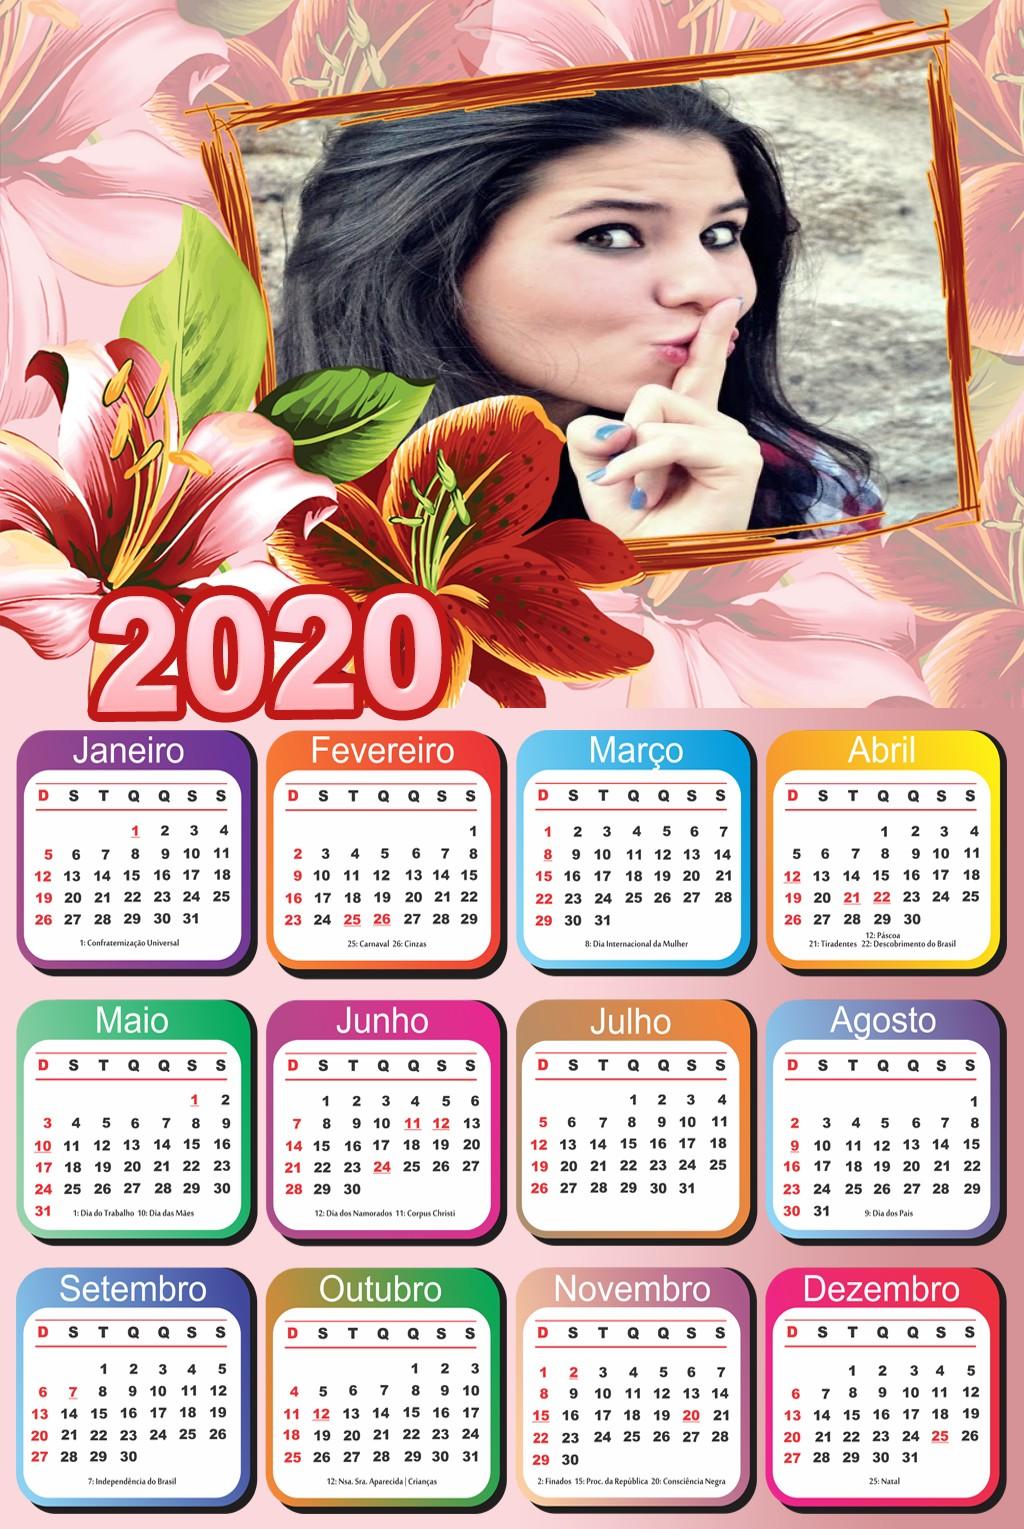 calendario-2020-com-moldura-para-fotos-com-flores